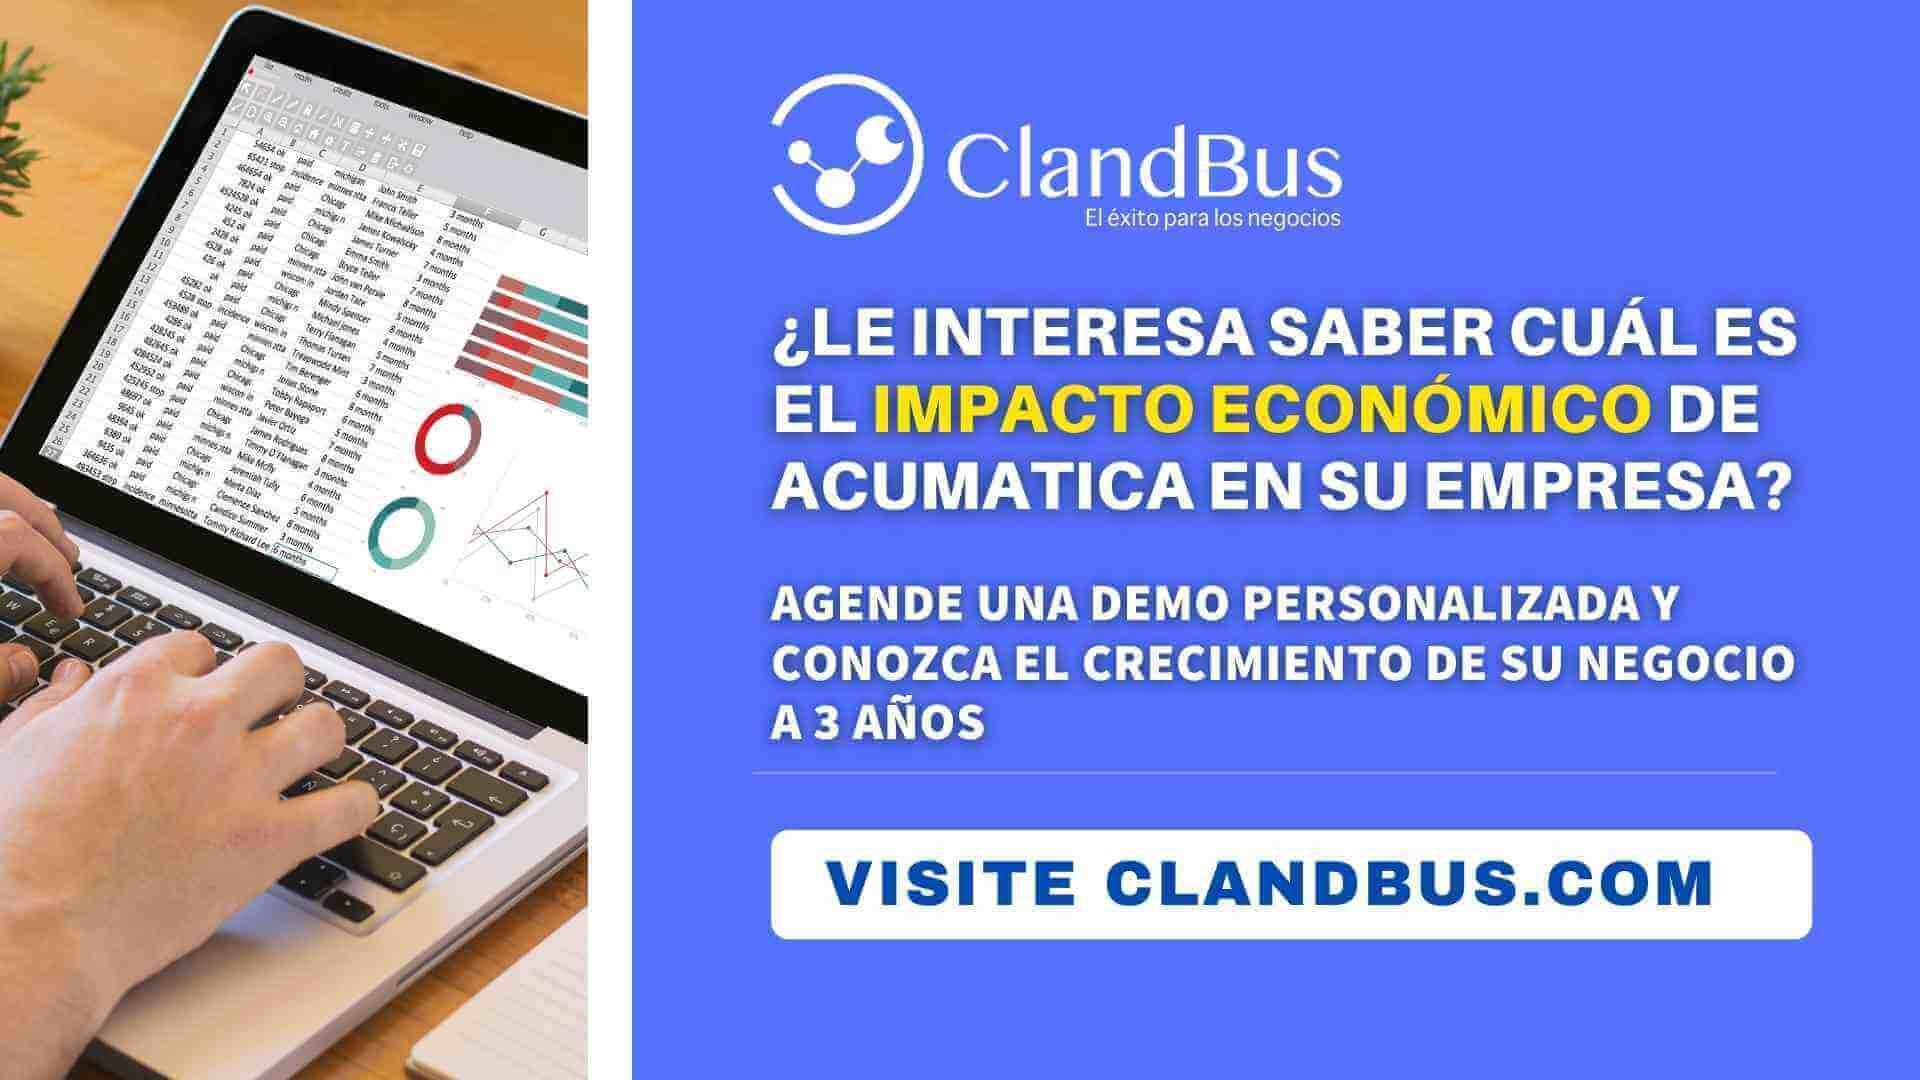 Videos de Acumatica - Conozca el impacto económico en su empresa a 3 años al eliminar cuellos de botell y errores con ClandBus